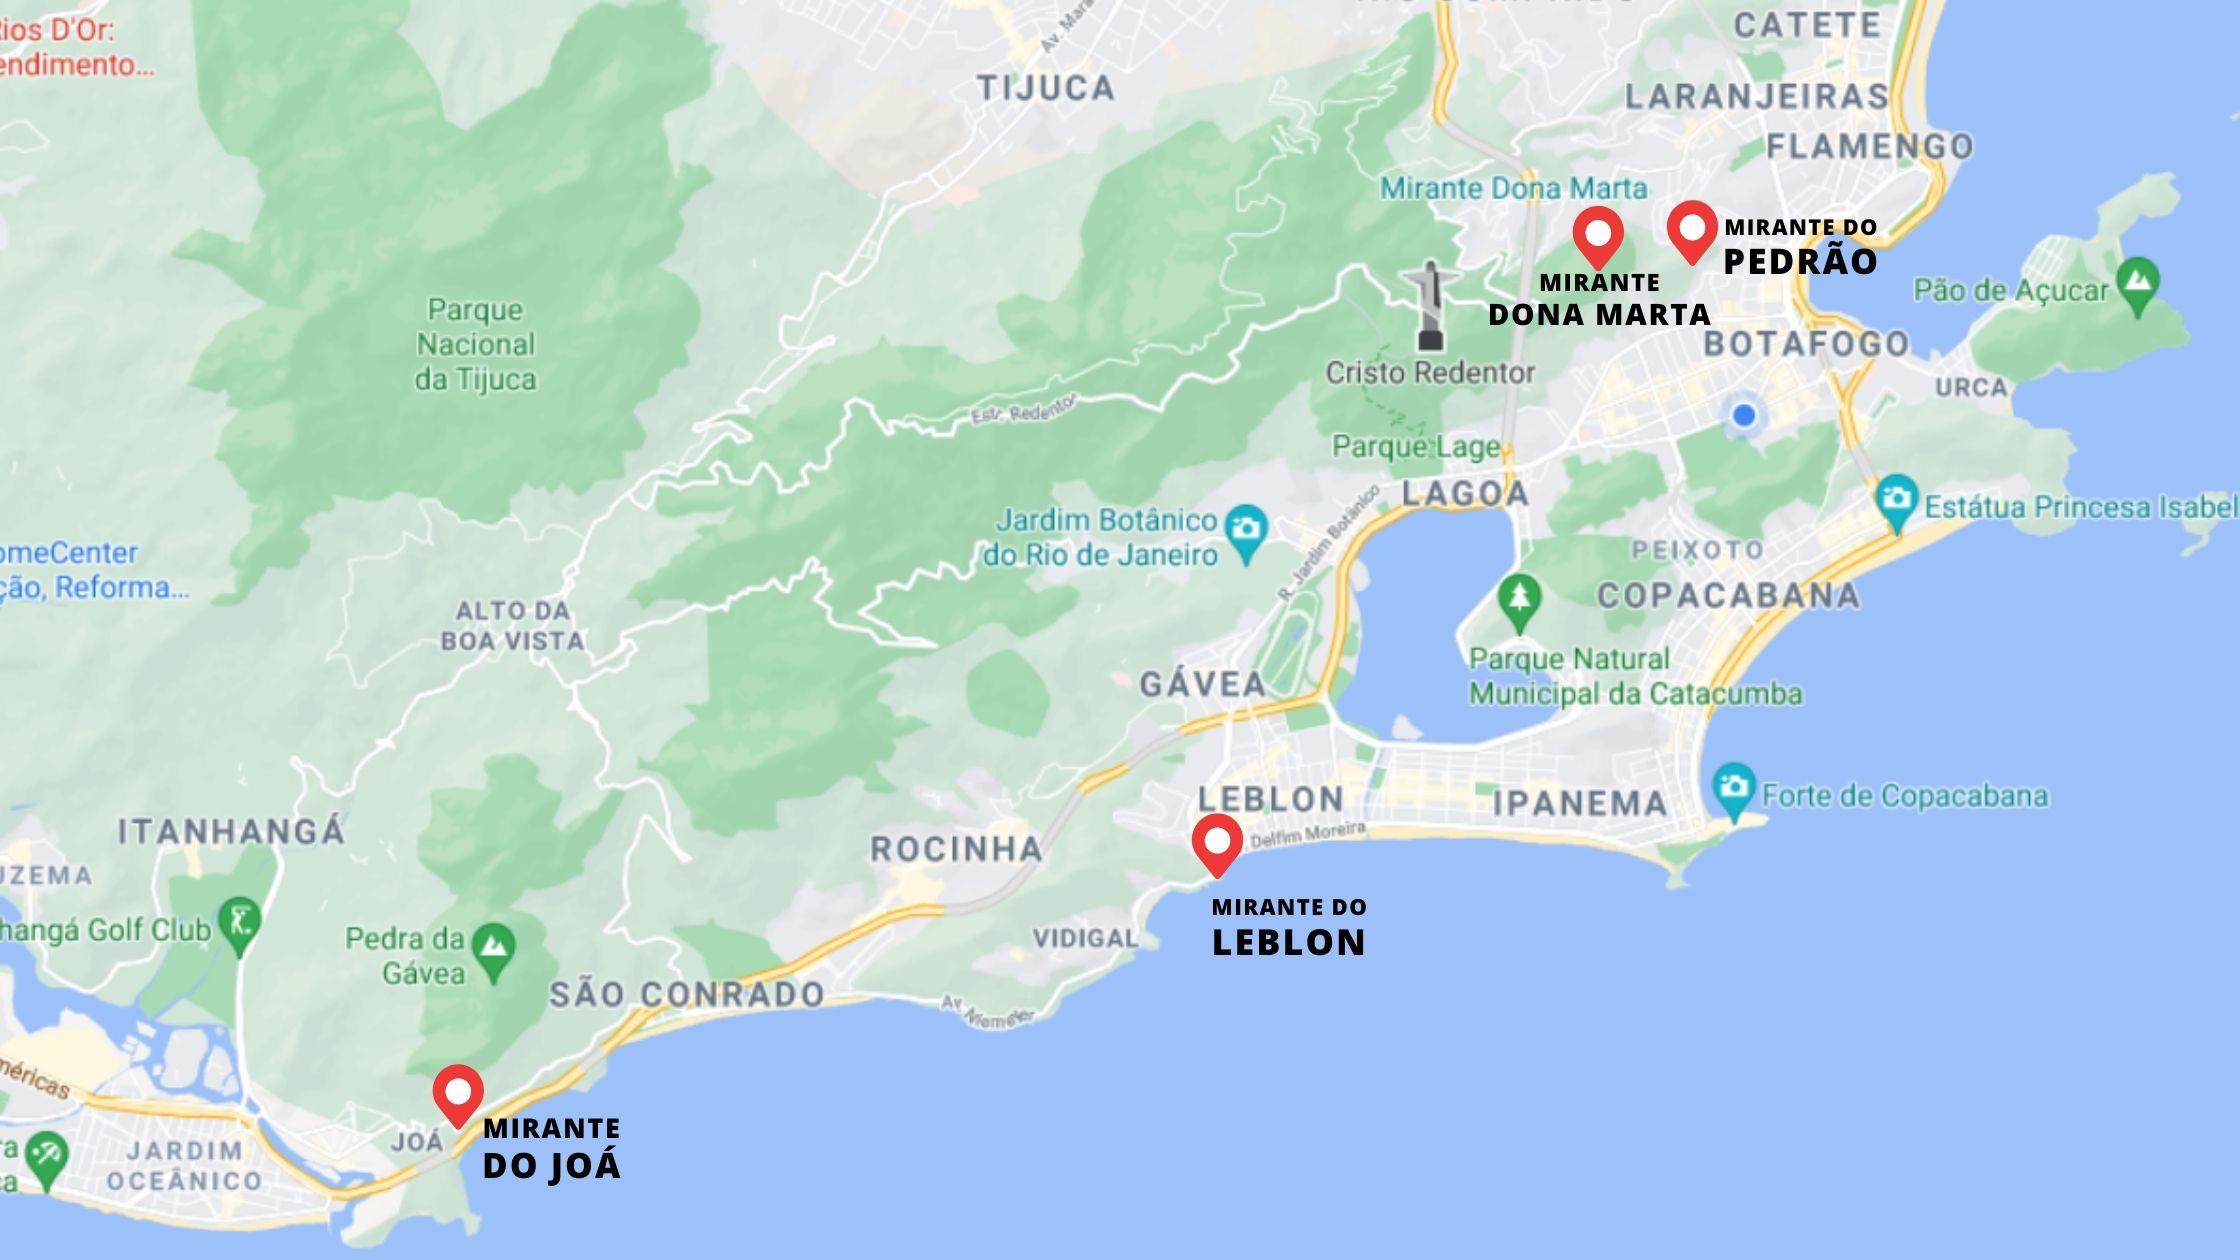 Mapa Mirantes Rio de Janeiro